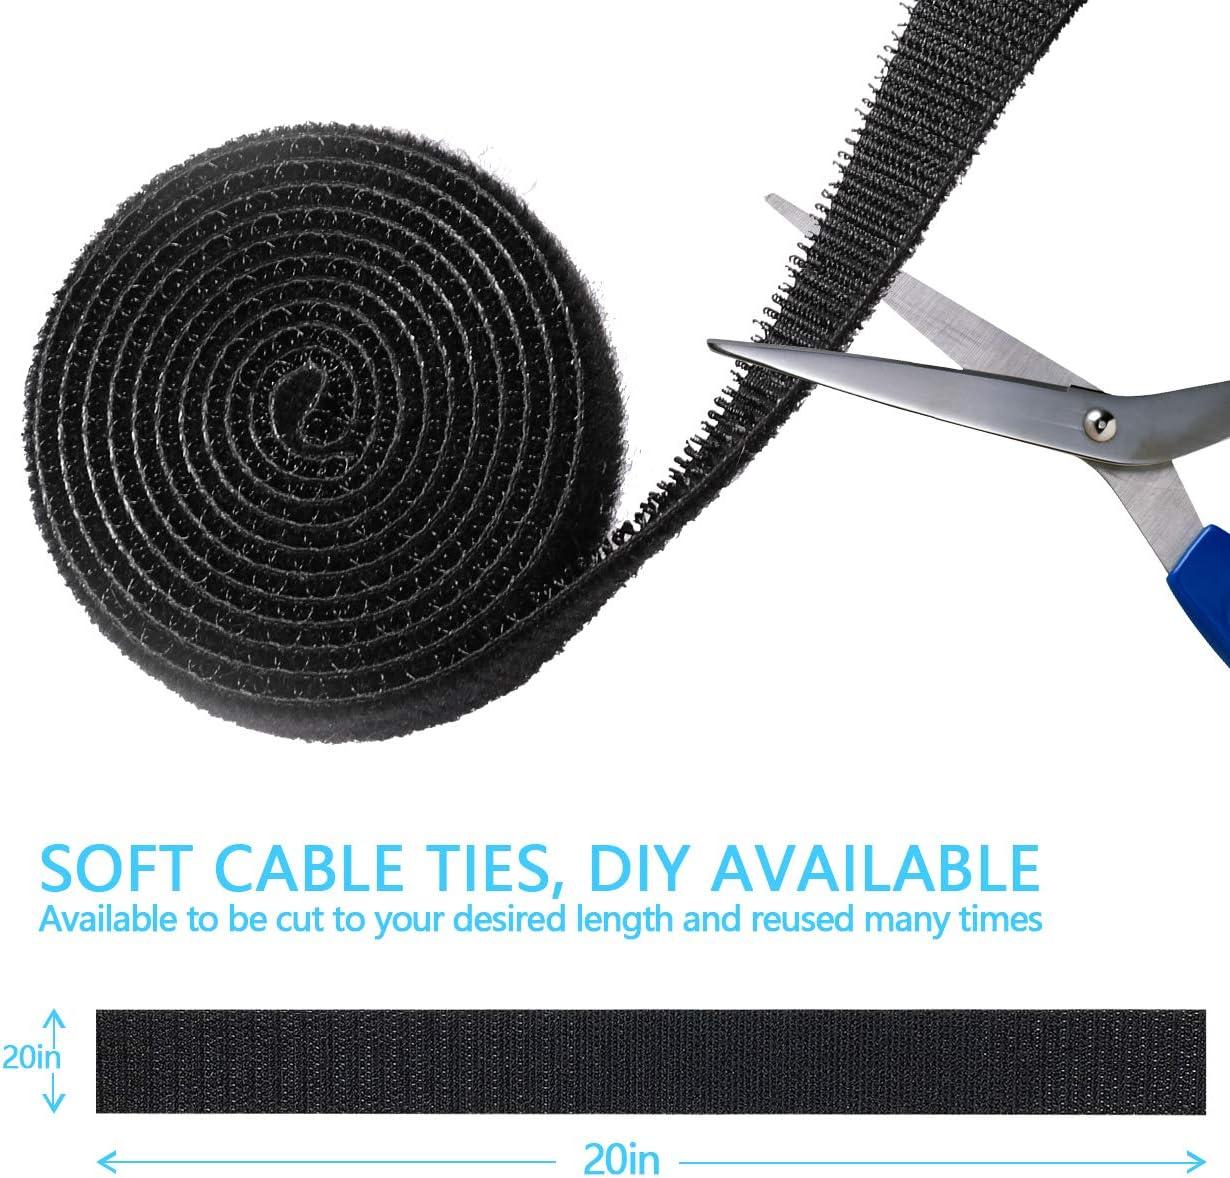 Gifort Organizador de Cables Negro 4 Cubre Cables y 3 Bridas para Cables para Mesa Cargadores Oficina y Hogar 17 Piezas Gesti/ón de Cable con 10 Clips de Cable Autoadhesivo